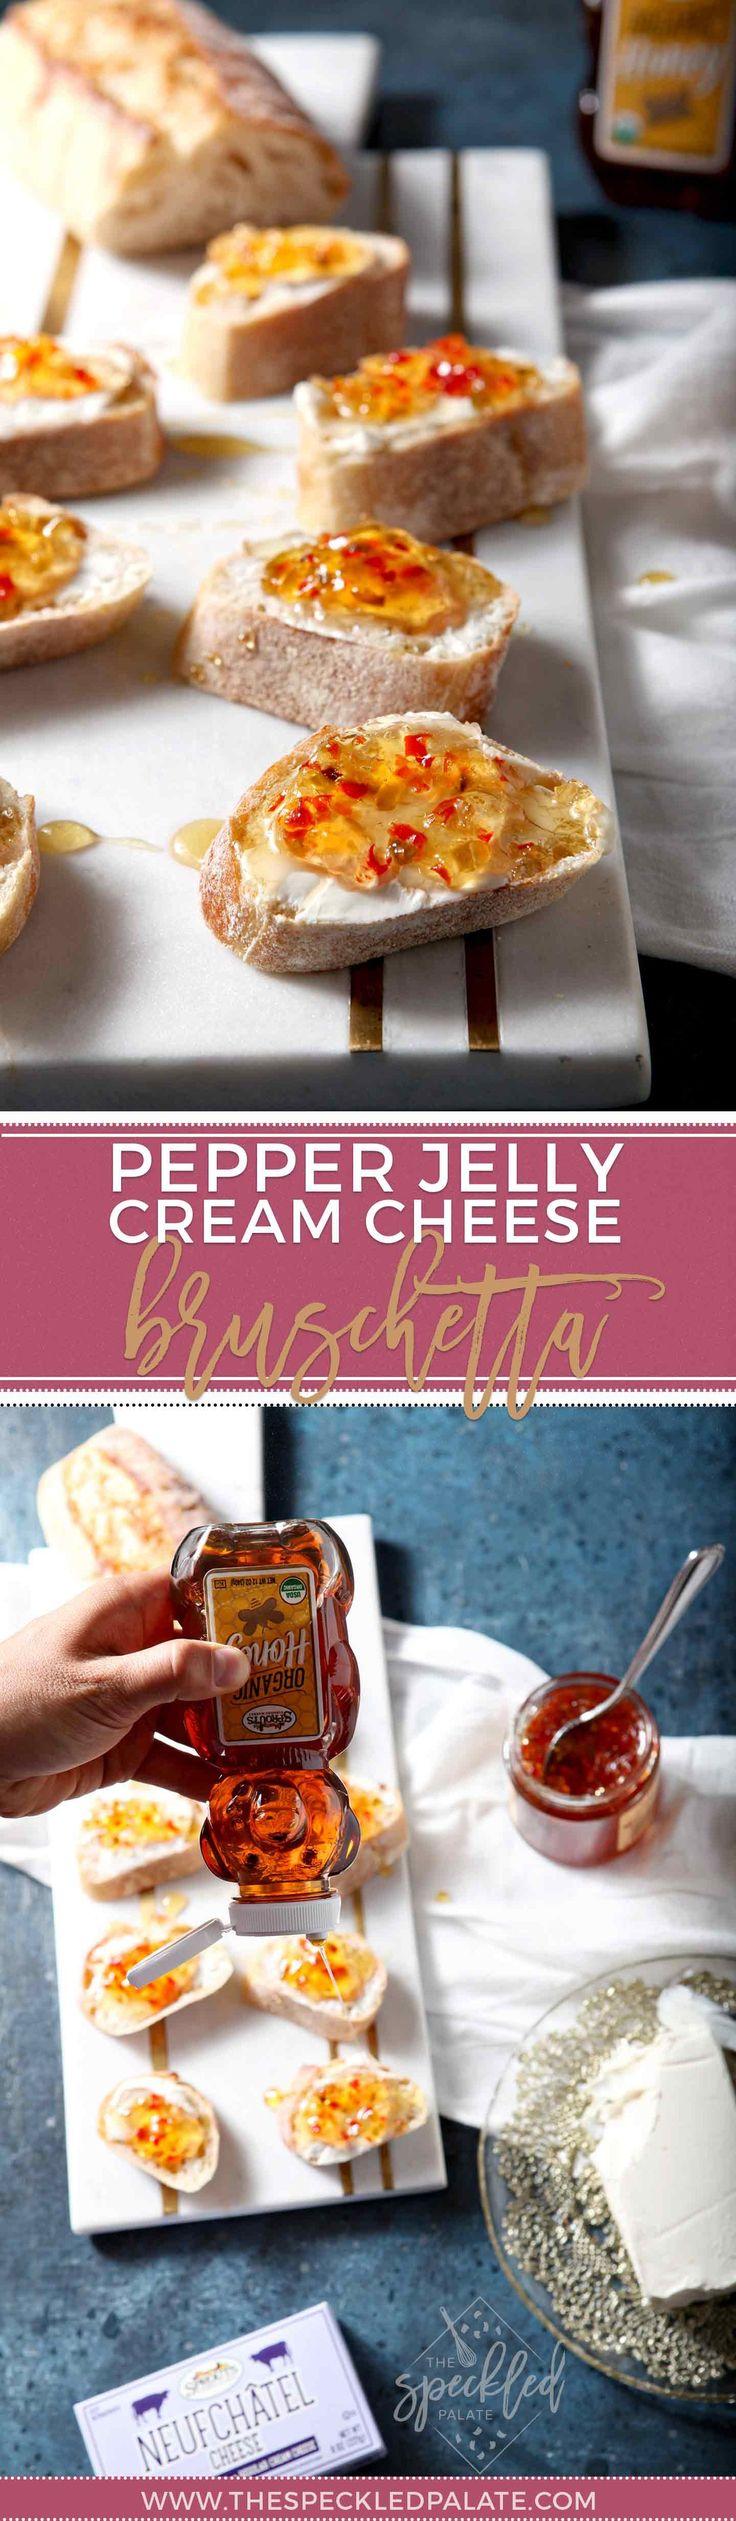 AD   Bruschetta Recipe   Sweet and Spicy Recipe   Appetizer Recipe   Easy Appetizer   Pepper Jelly Recipe   Easy Bruschetta